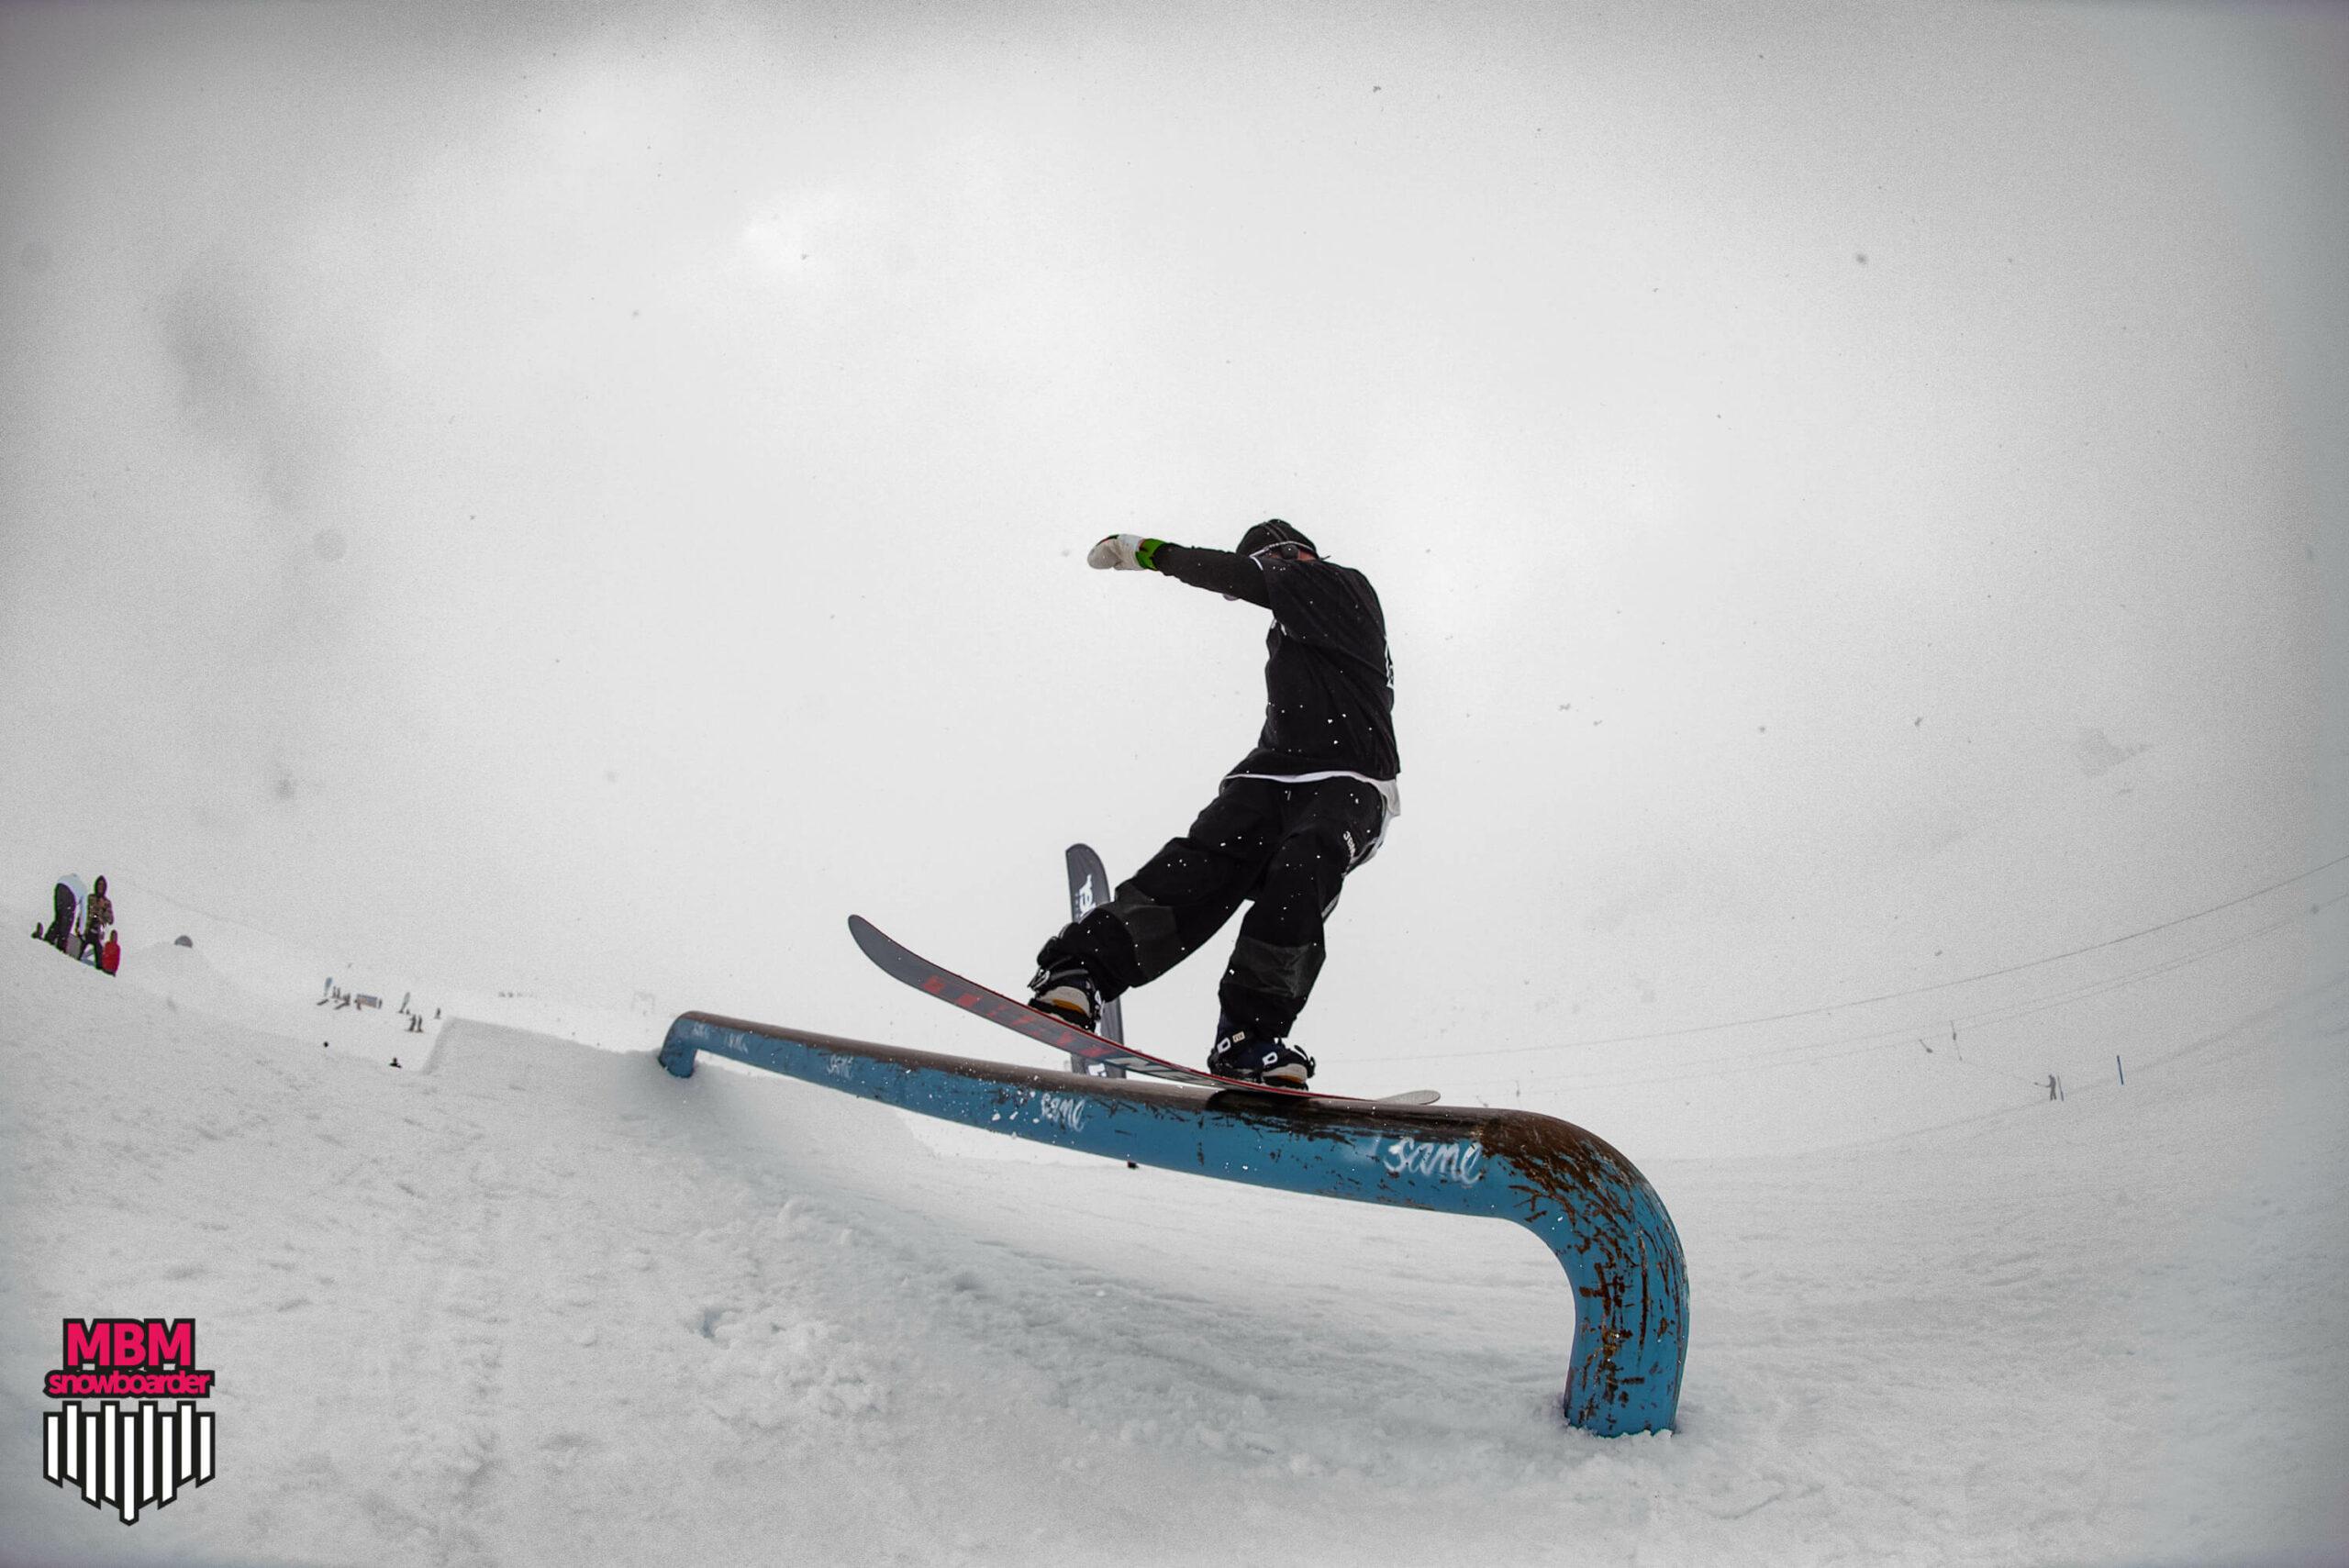 snowboarderMBM_sd_kaunertal_112